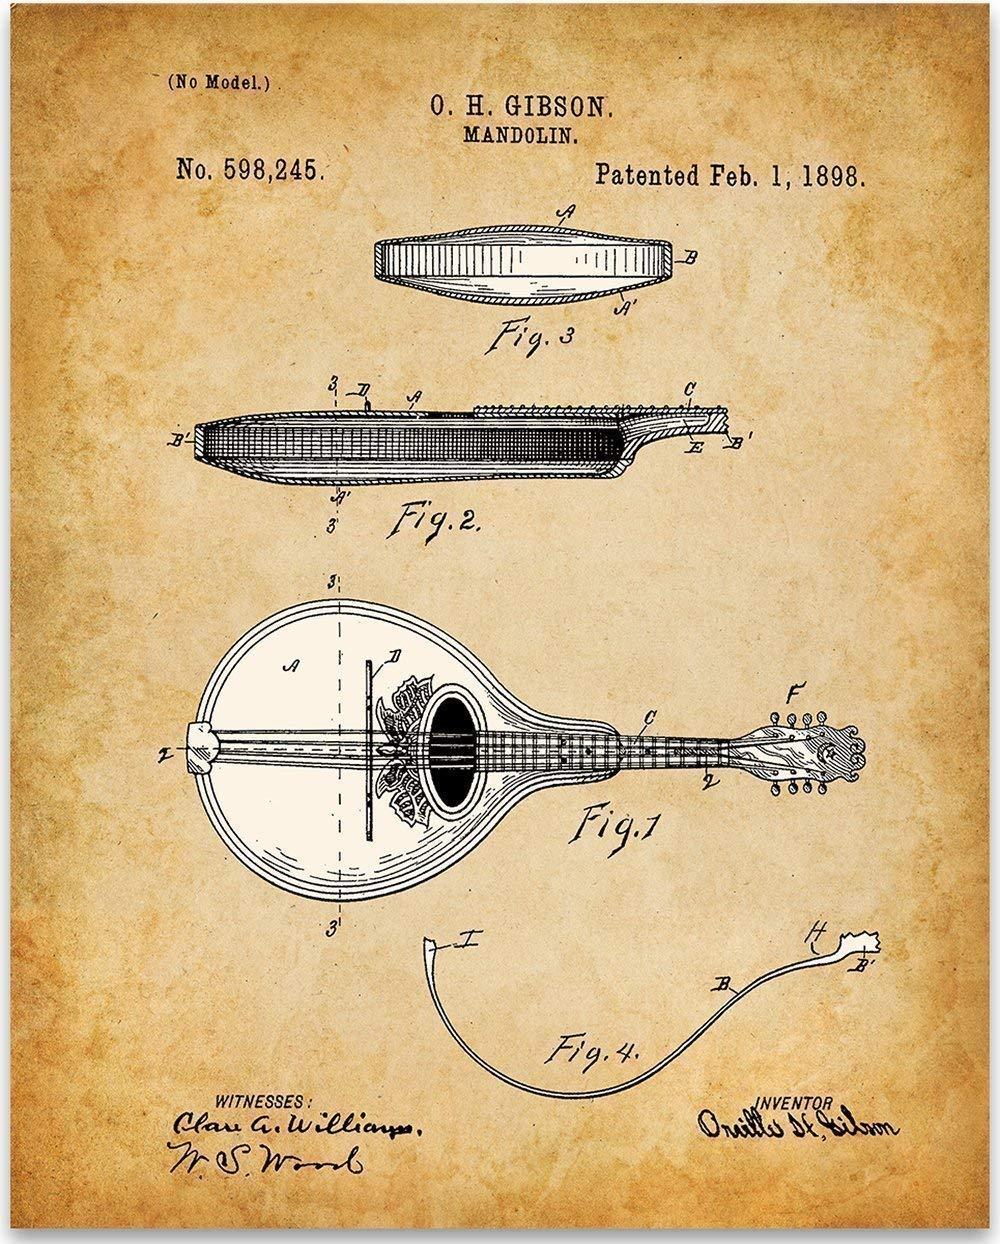 マンドリン - 11x14 Unframed Patent Print - ミュージシャンのための偉大な音楽室の装飾またはギフト B07B2JZ3TN